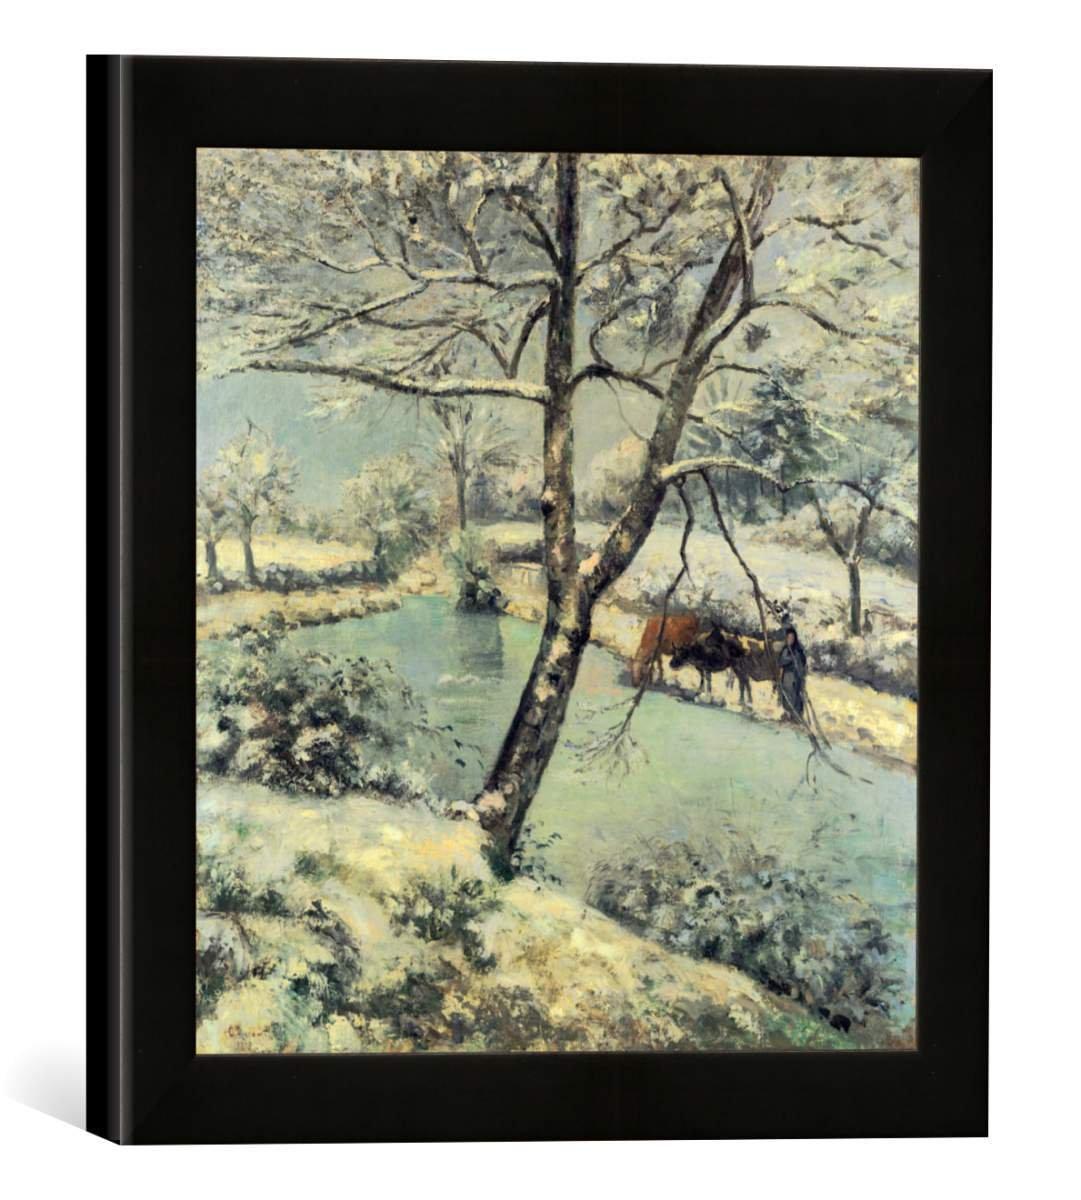 Gerahmtes Bild von Camille Pissarro Winterlandschaft bei Mont-Foucault, Kunstdruck im hochwertigen handgefertigten Bilder-Rahmen, 30x30 cm, Schwarz matt